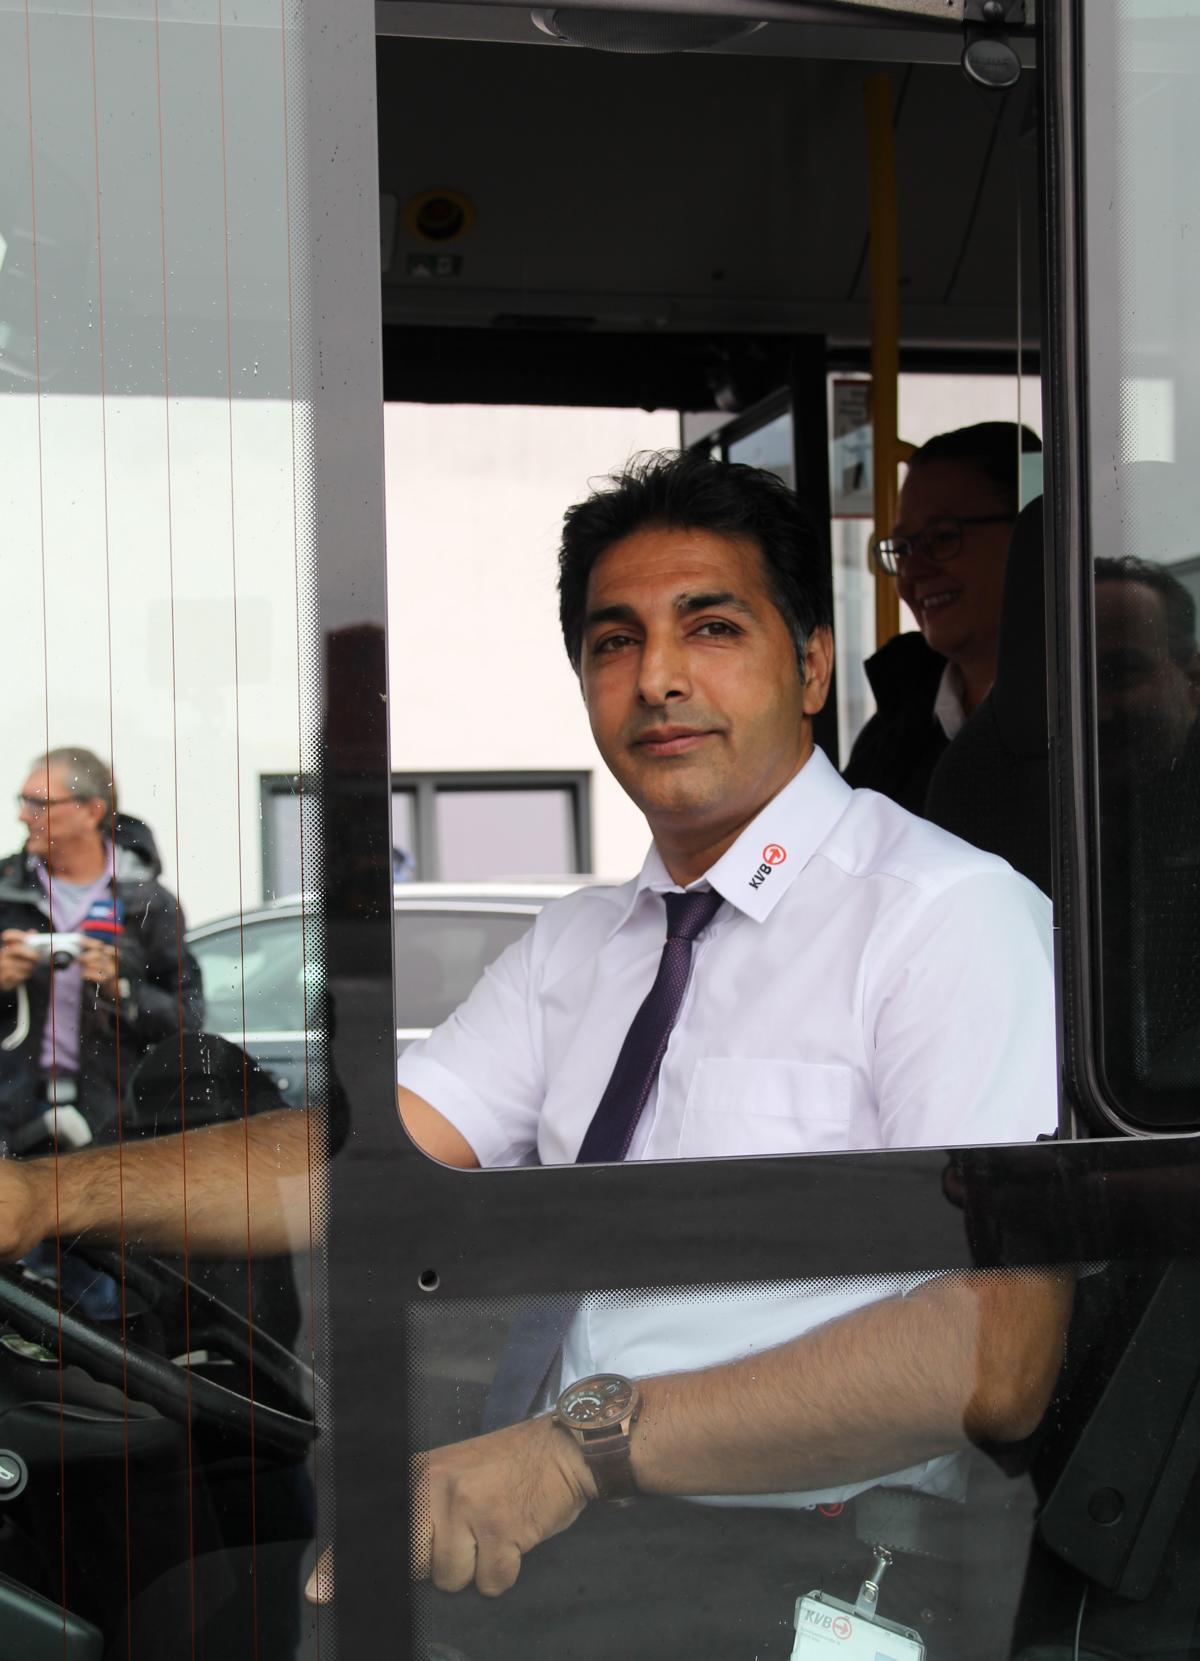 Ali Asghar M. hat in seiner Heimat Iran schon Lkw gefahren